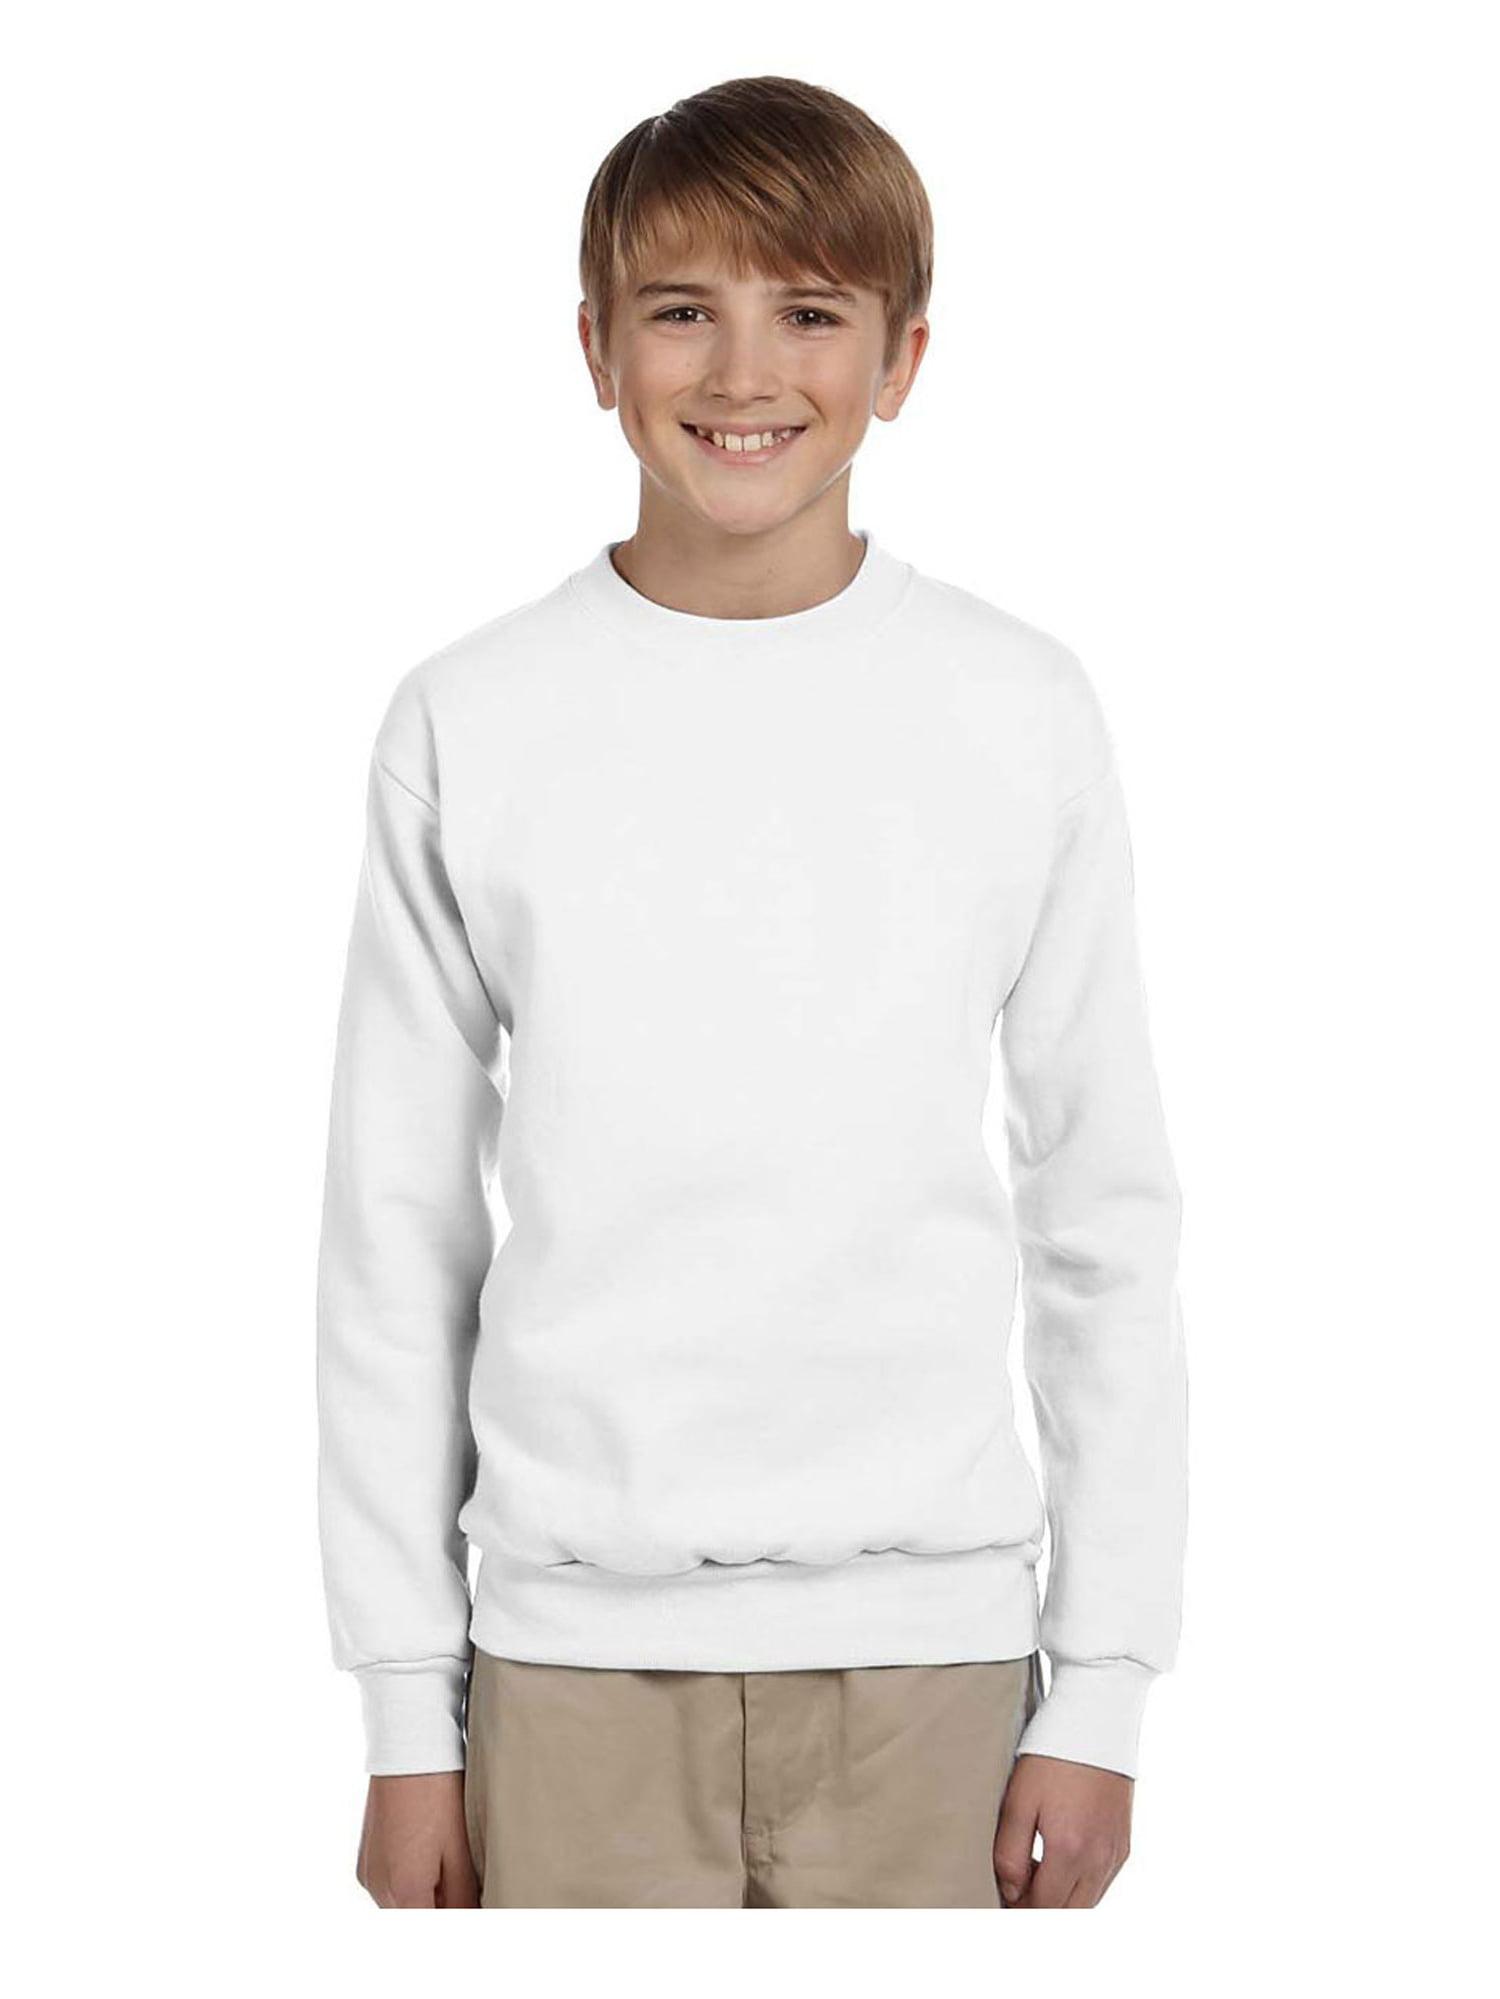 Hanes Youth Cotton Crewneck Fleece Closure Sweatshirt, Style P360